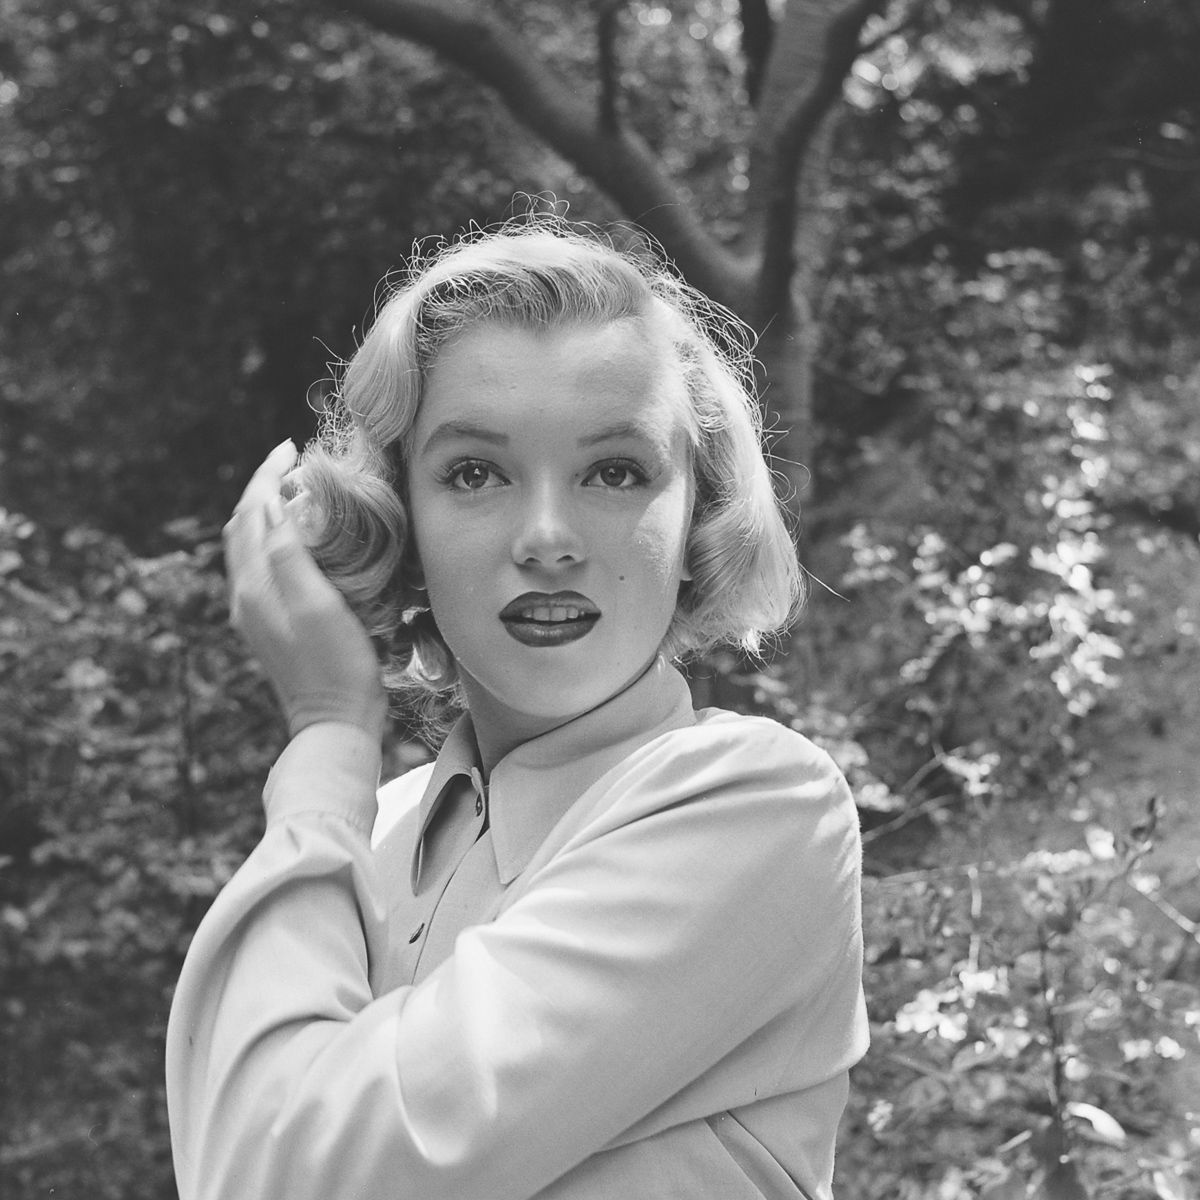 Fotos raras de Marilyn Monroe caminhando no bosque antes de ser famosa 02